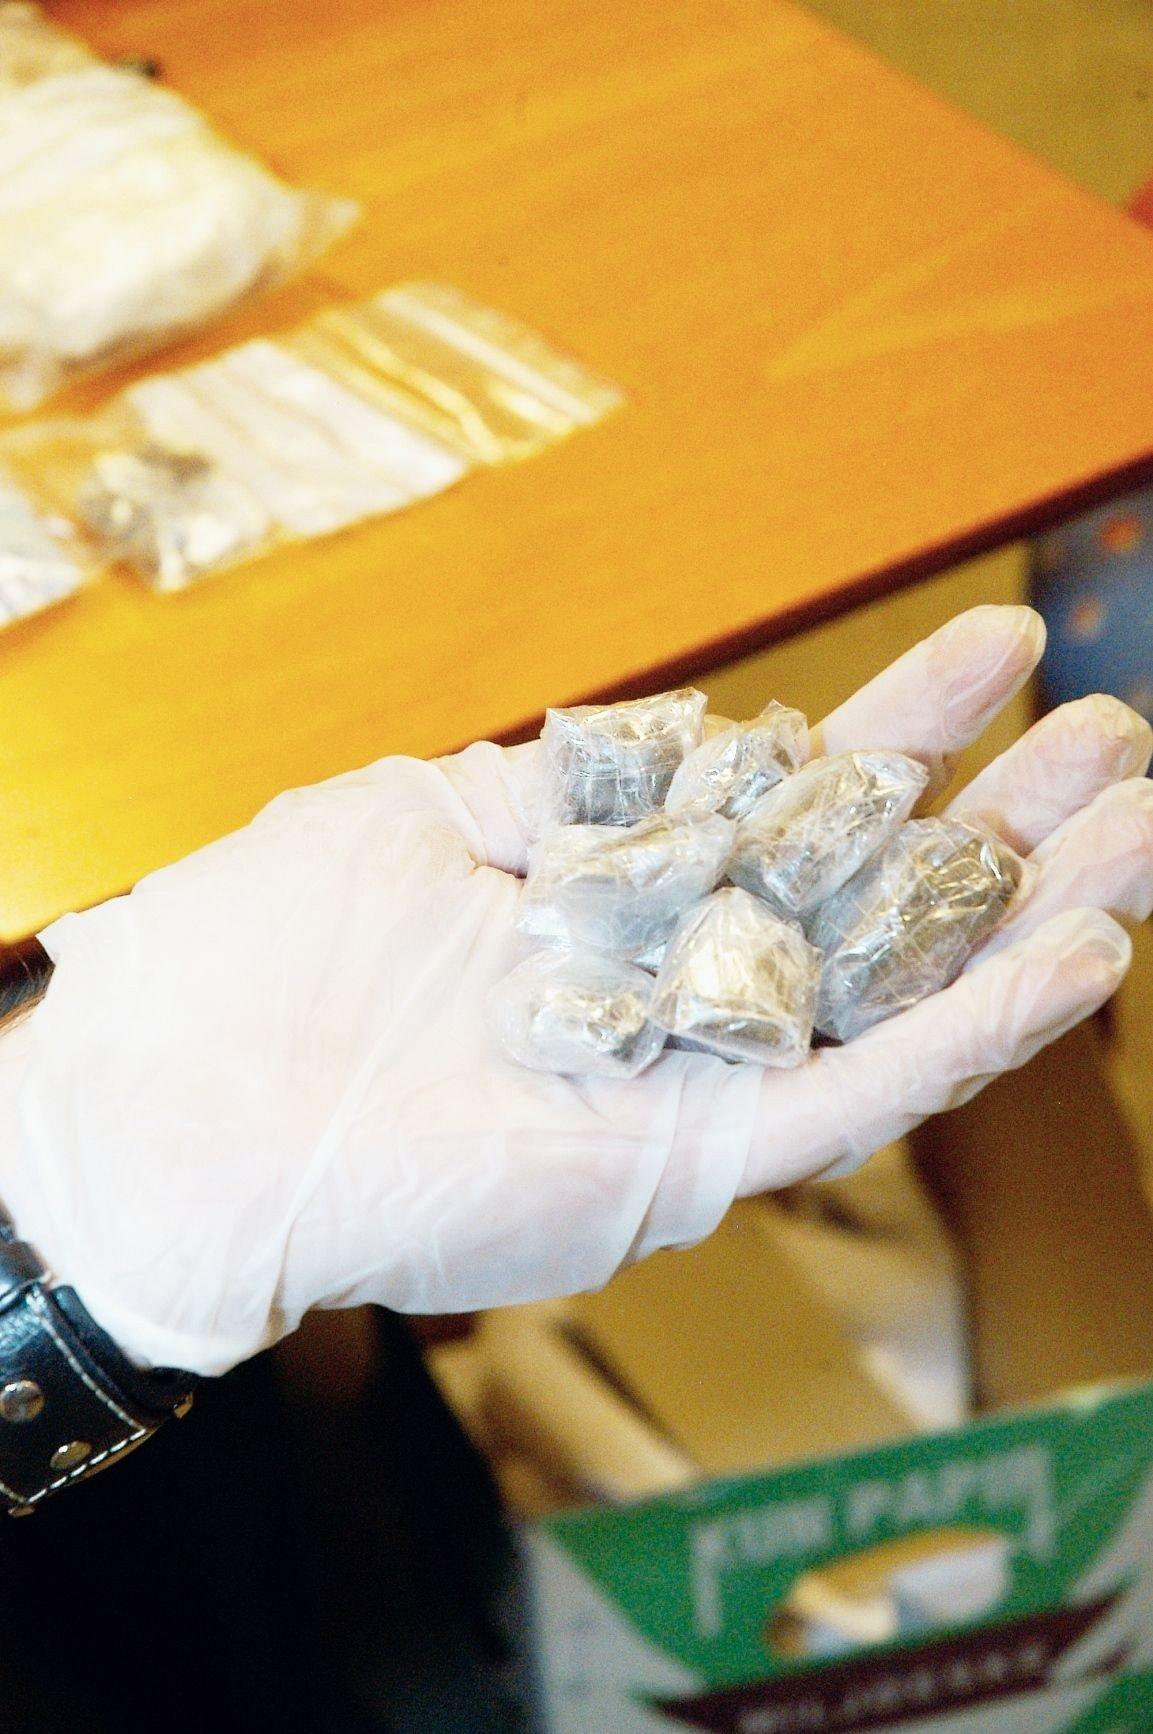 Forfatter av debattinnlegget Vidar Brochs, leder i Norsk Narkotikapolitiforening (NNPF), er ikke enig med tidligere politisjef Iver Stensrud om avkriminalisering av narkotika.